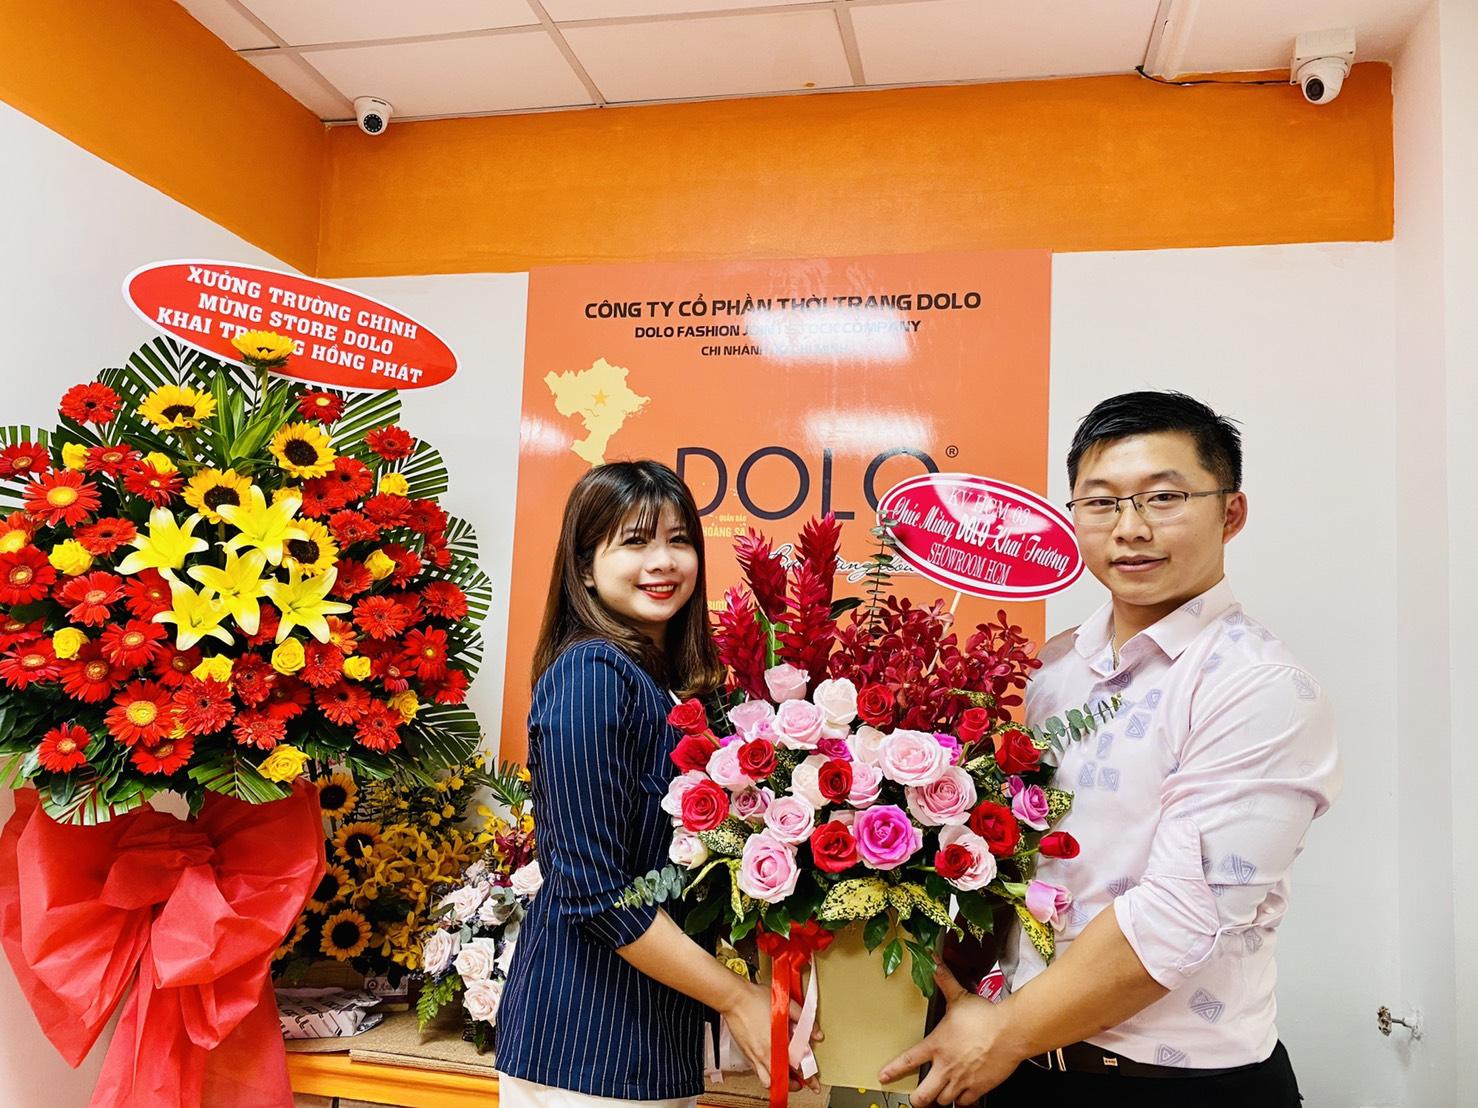 DOLO MEN - Khai trương Showroom tại thị trường Hồ Chí Minh.